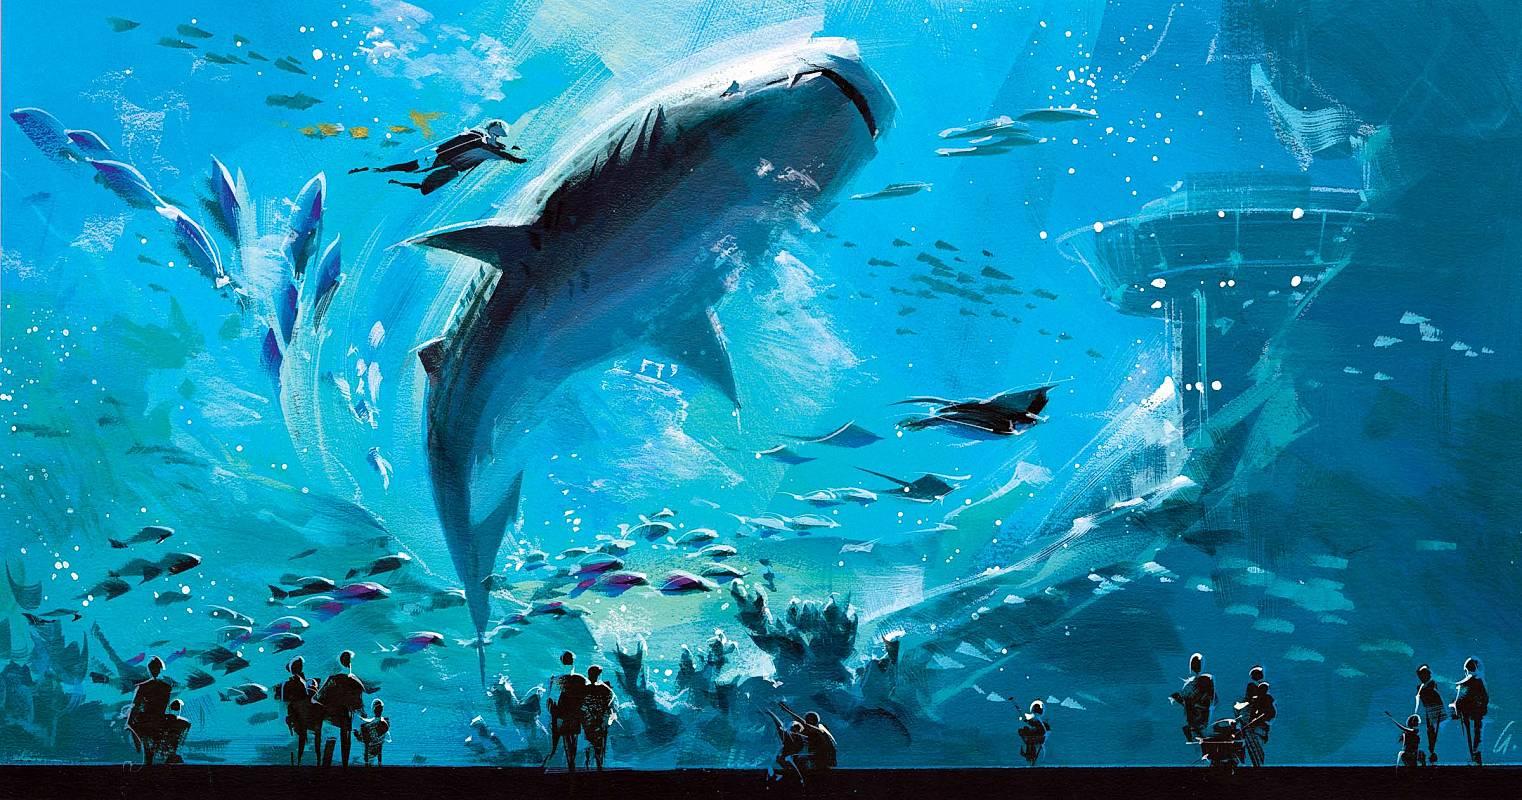 بالصور اكبر حوض اسماك في العالم , احلى انواع الاسماك 677 5